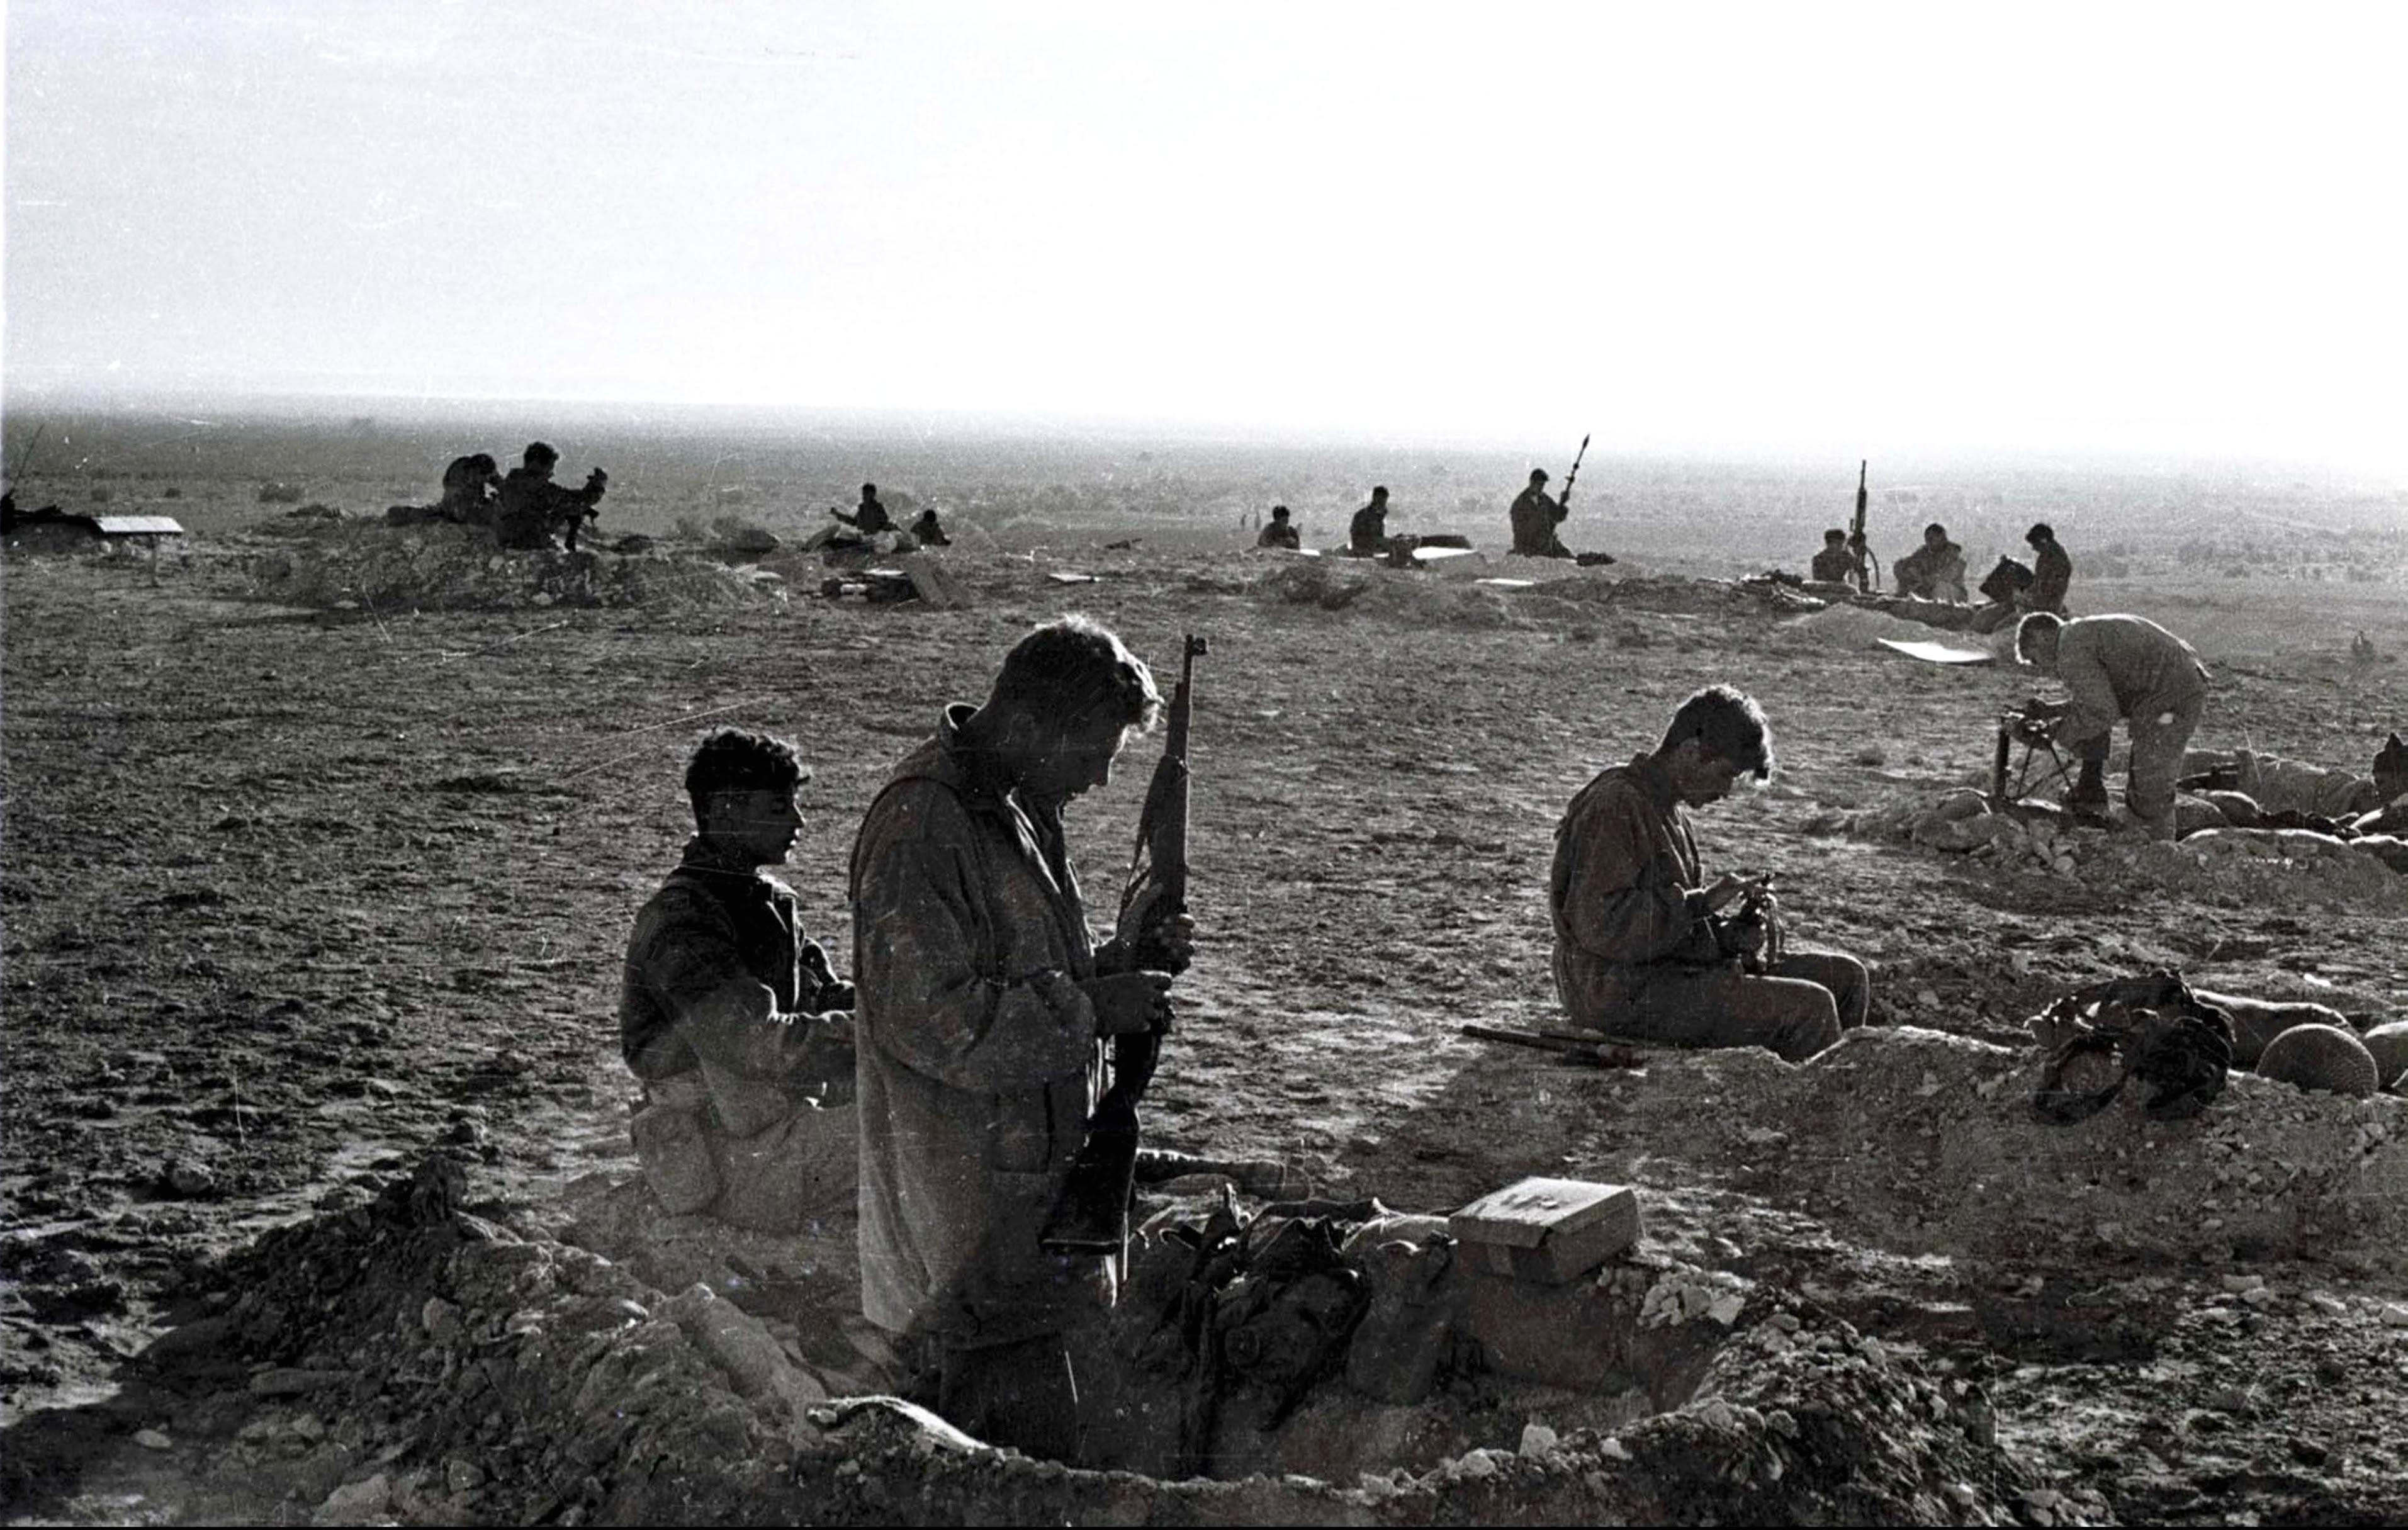 File:Israeli troops in sinai war.jpg